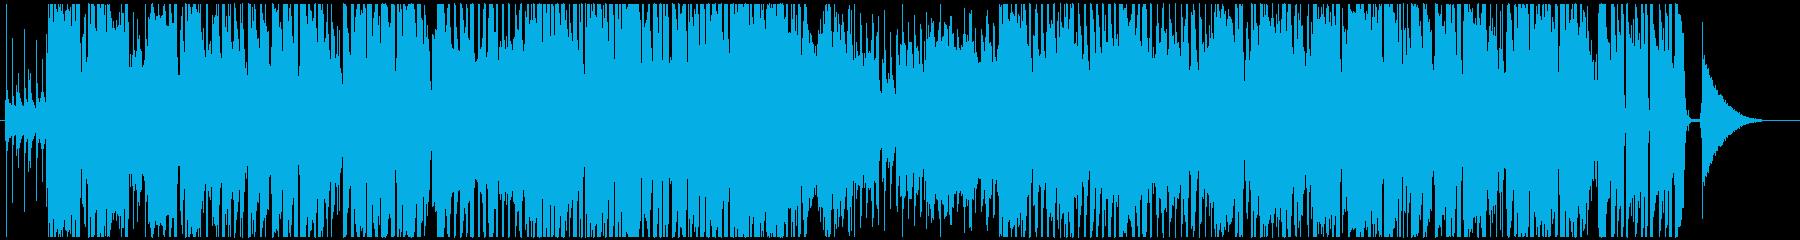 追跡や調査などによく合うジャズ風BGMの再生済みの波形